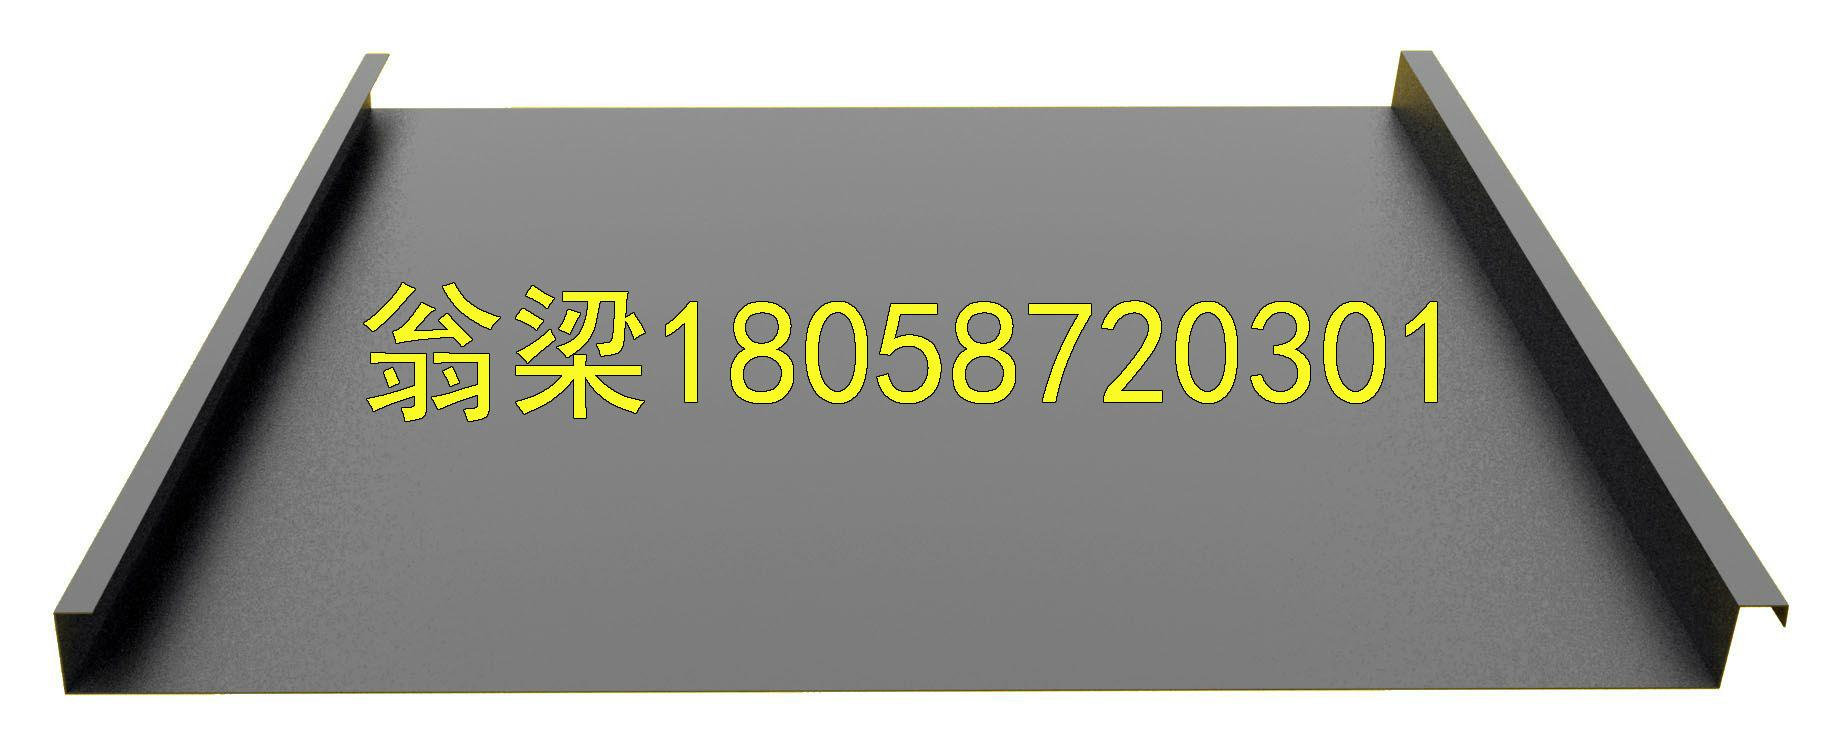 甘藍430型鈦鋅板金屬屋面系統 4